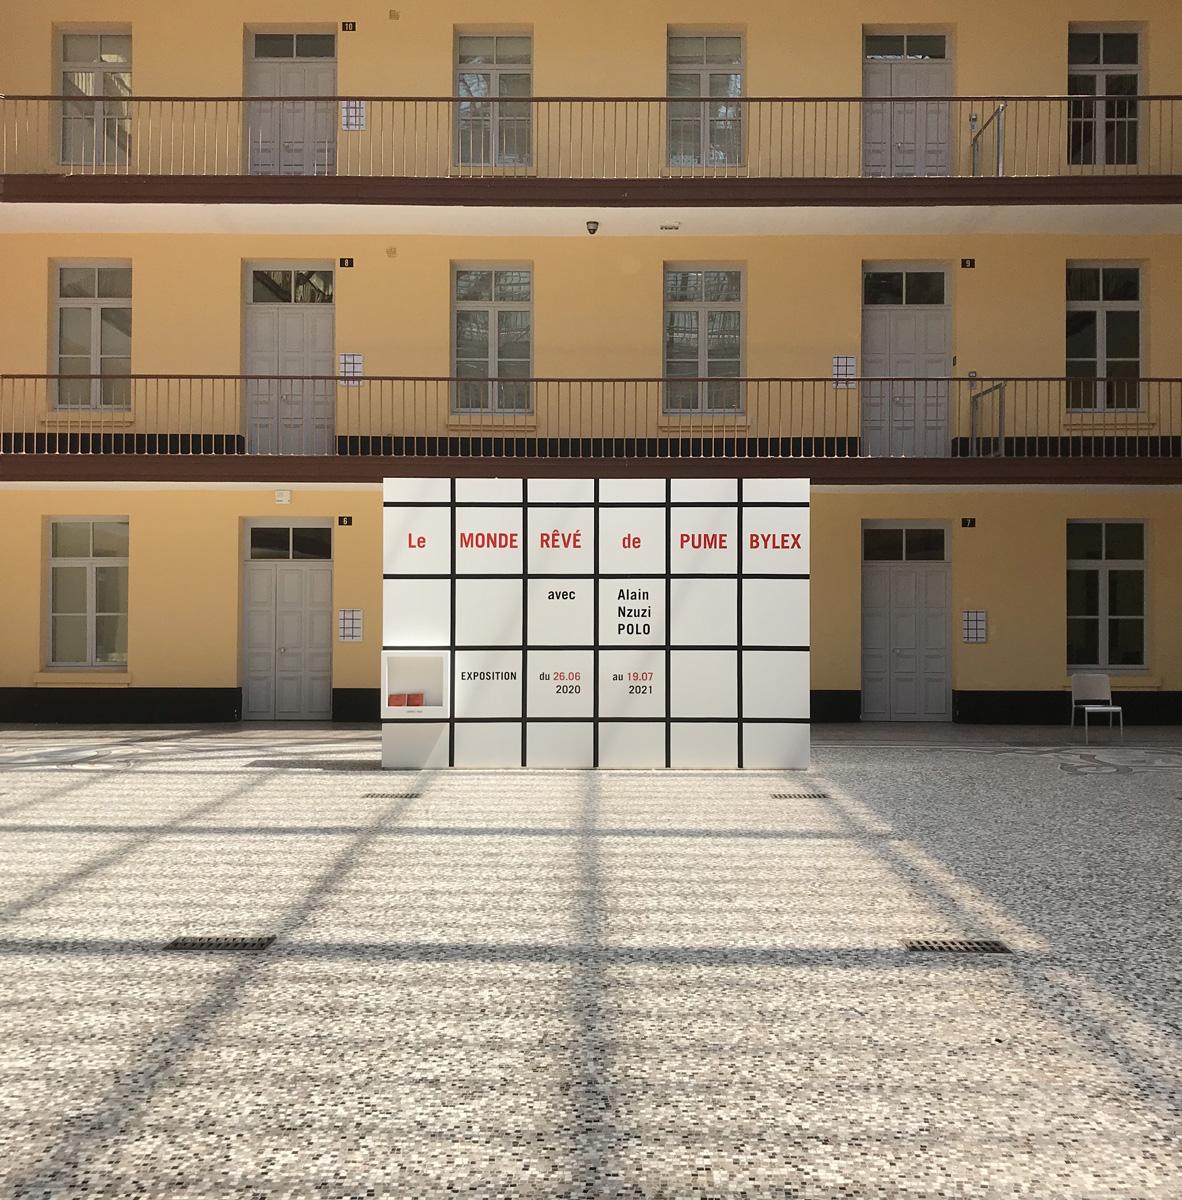 Vue de l'exposition « Le monde rêvé de Pume Bylex, avec Alain Nzuzi Polo »